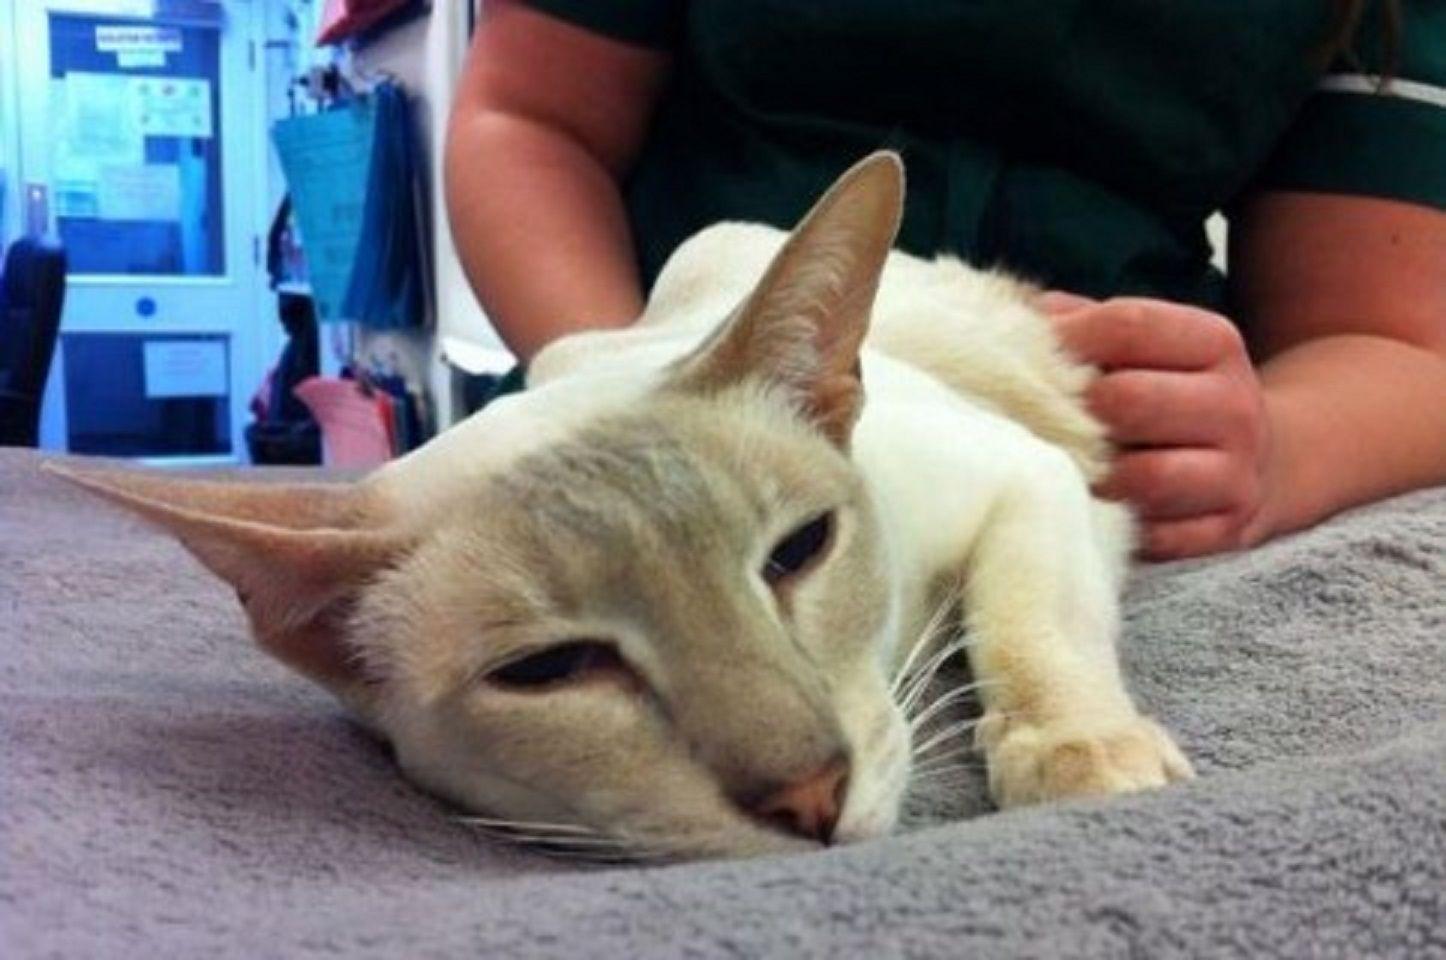 Una gata sobrevivió 8 días en una caja tras ser mandada accidentalmente por correo